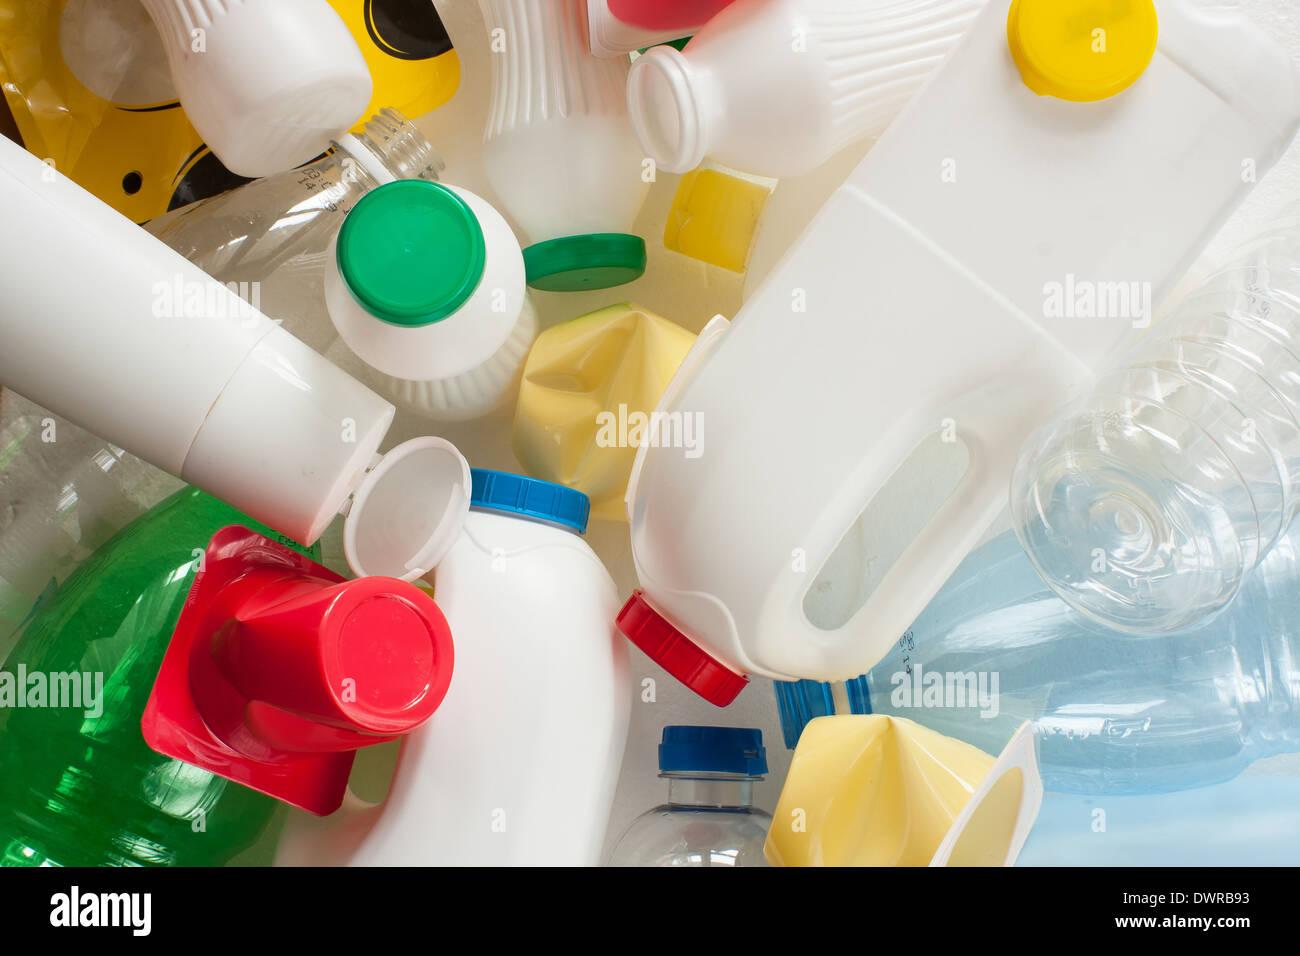 Ségrégation des déchets plastiques prêt pour le recyclage Photo Stock